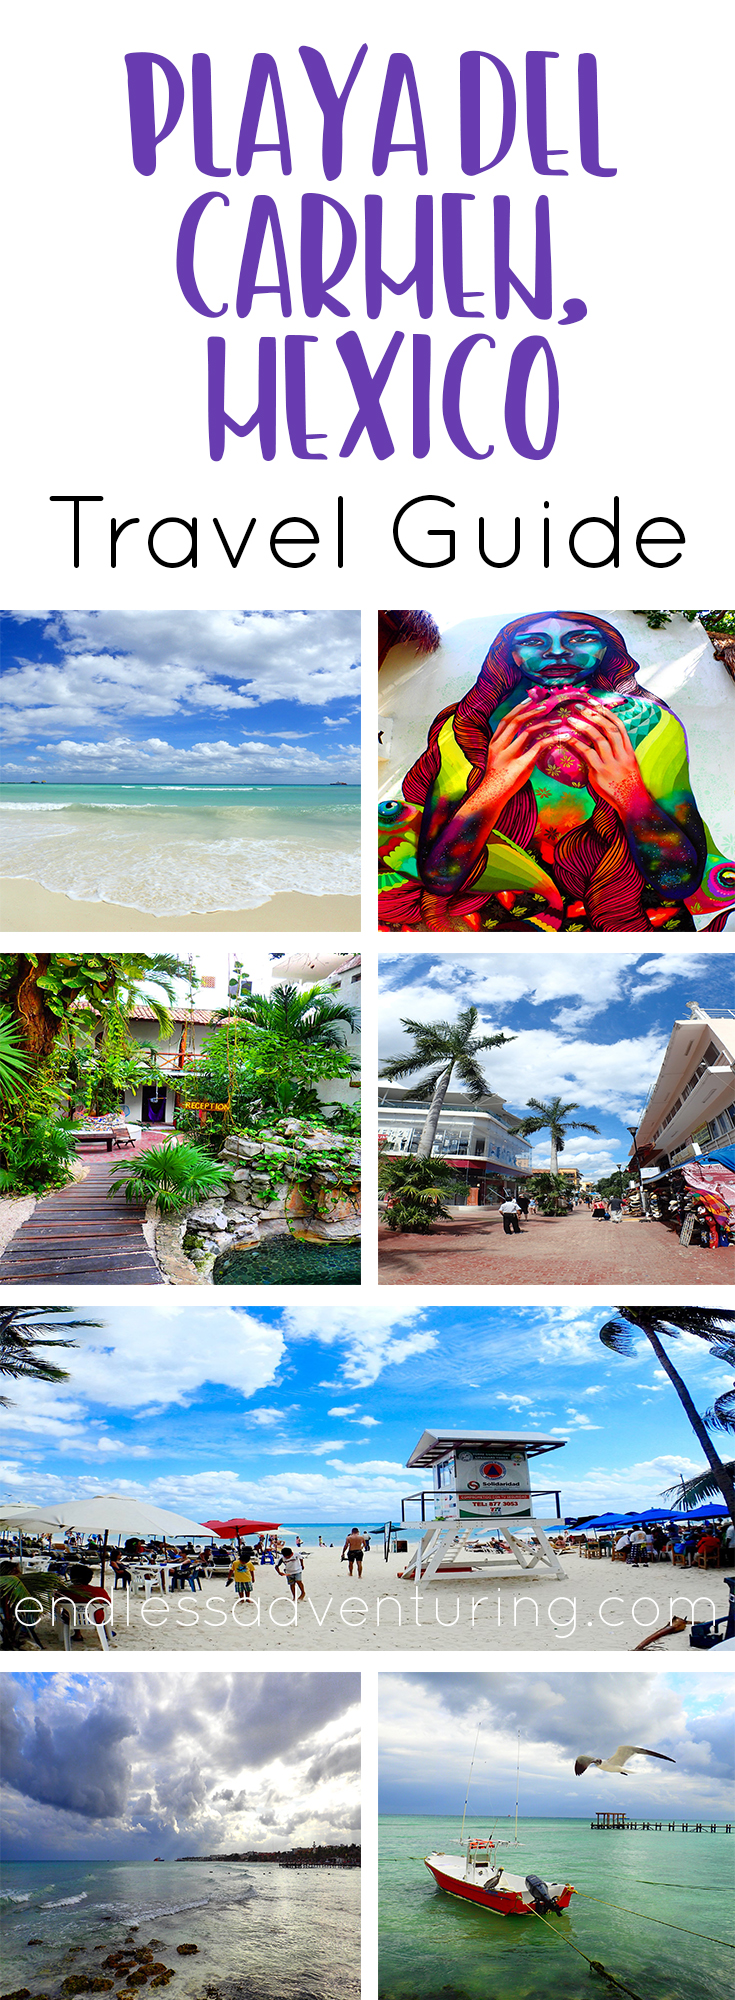 Playa Del Carmen Travel Guide